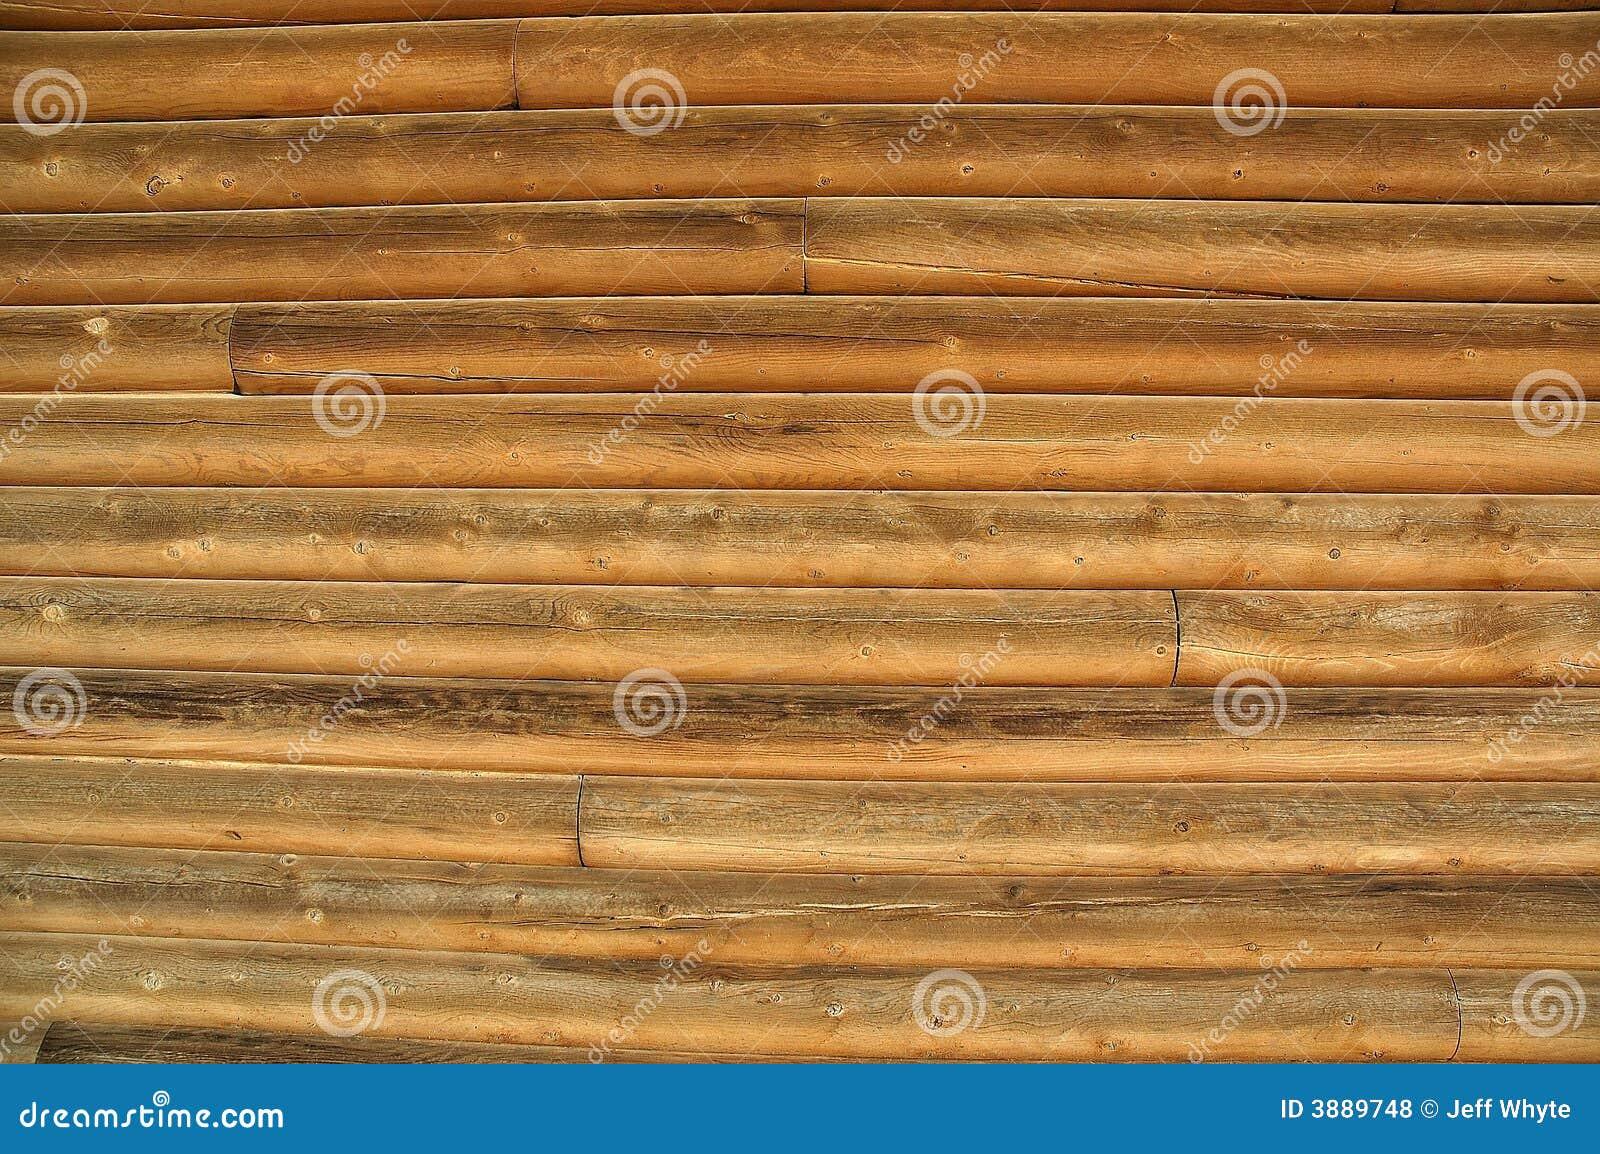 Log building background